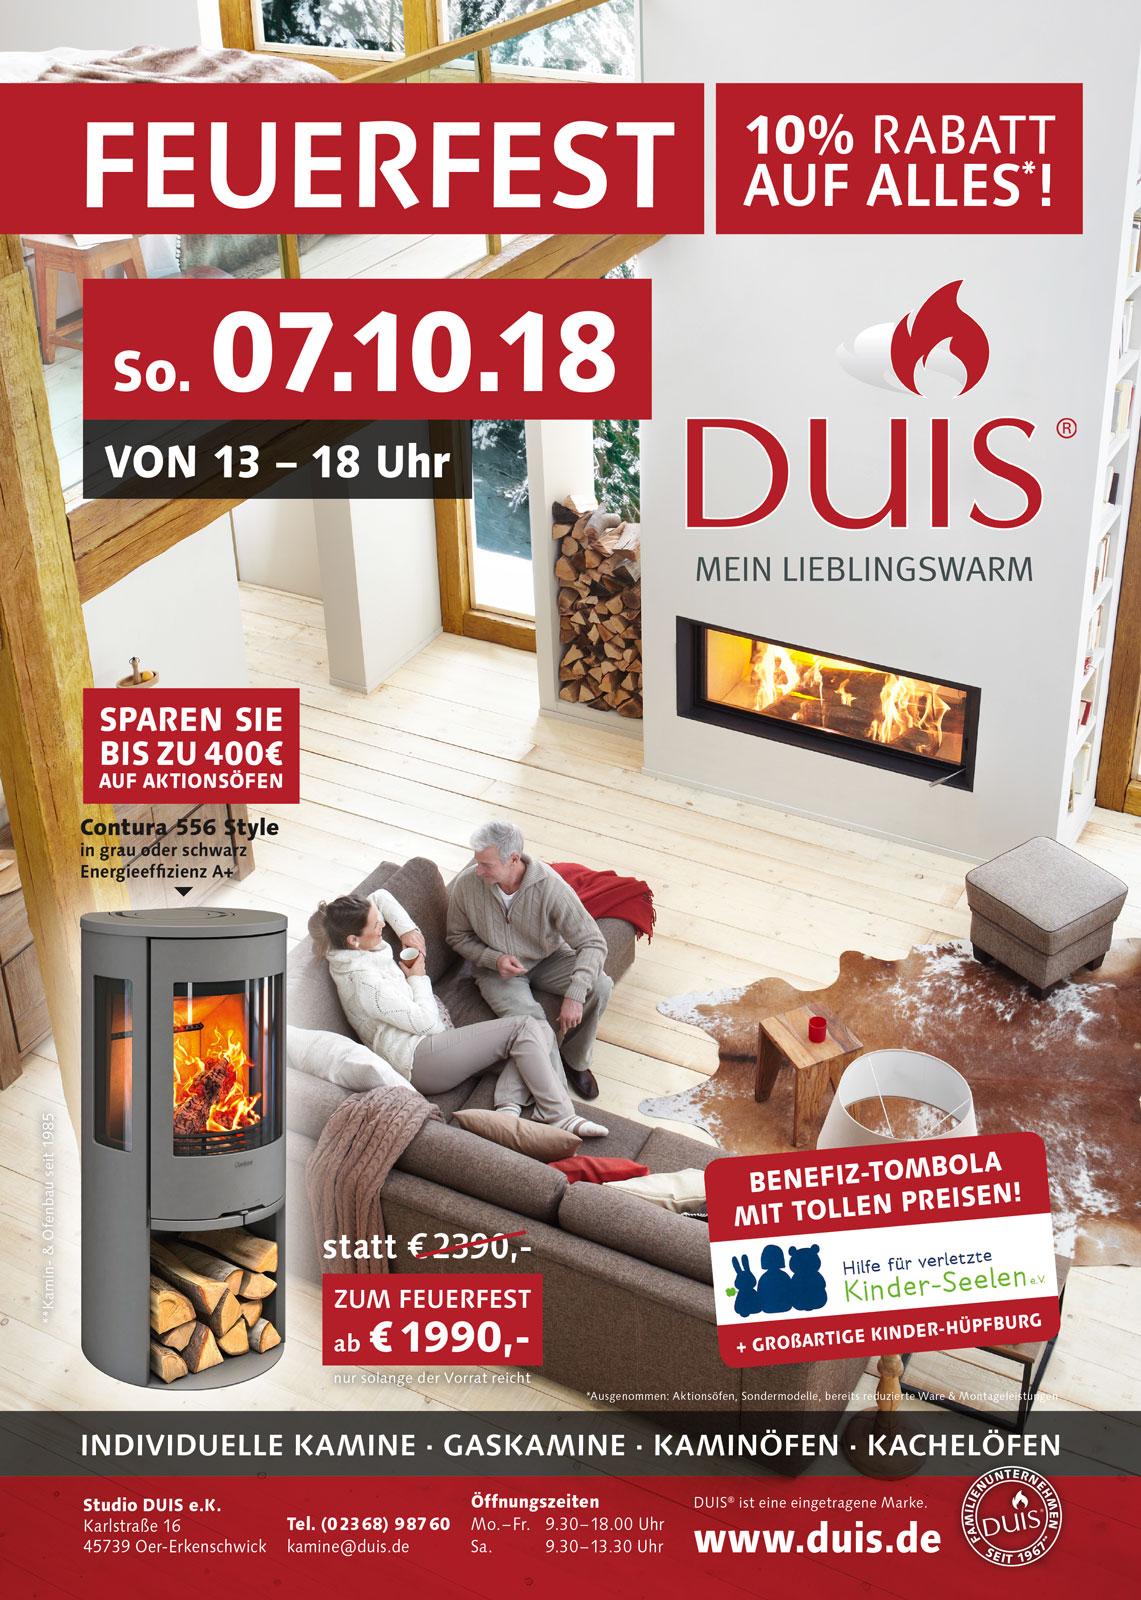 Feuerfest bei Studio DUIS – Benefiz-Tombola mit tollen Preisen und 10% Rabatt auf alles!